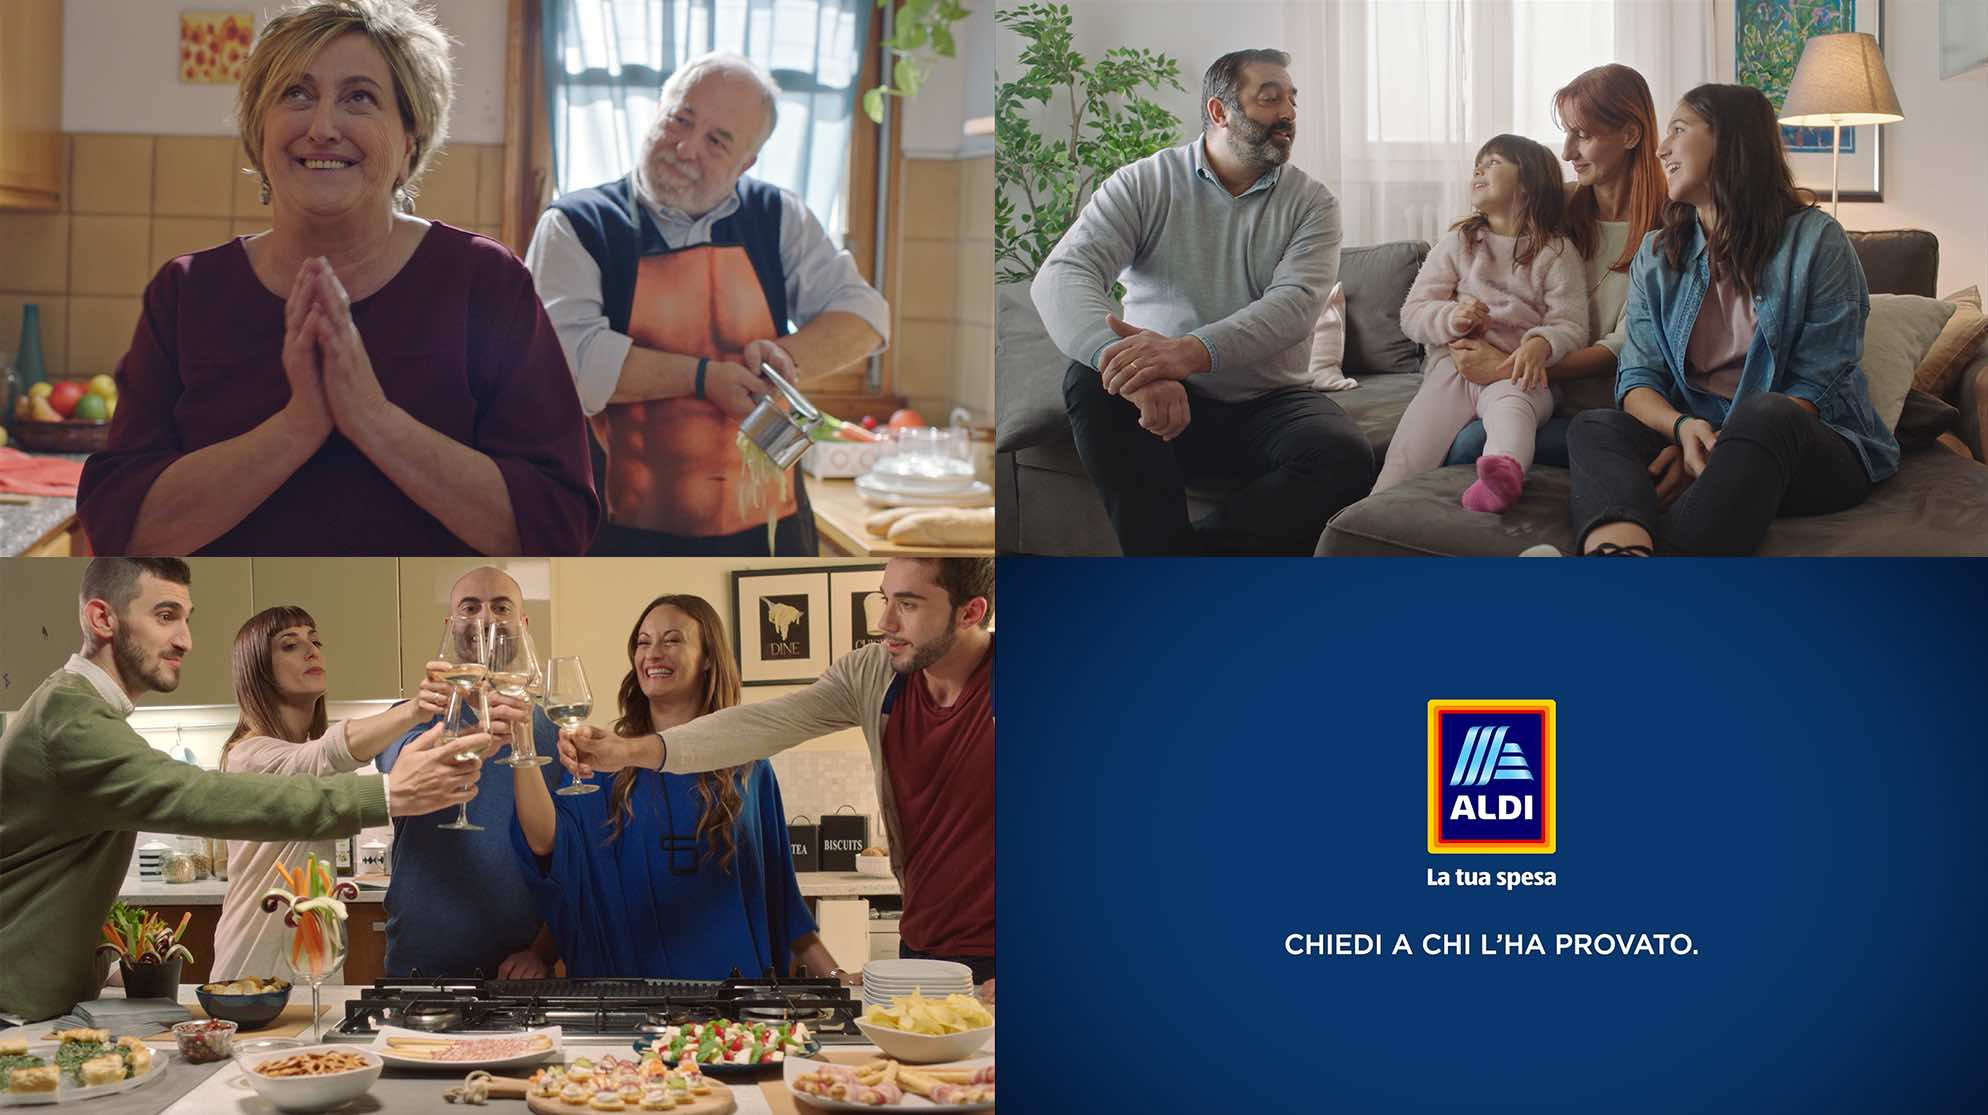 ALDI-campagna